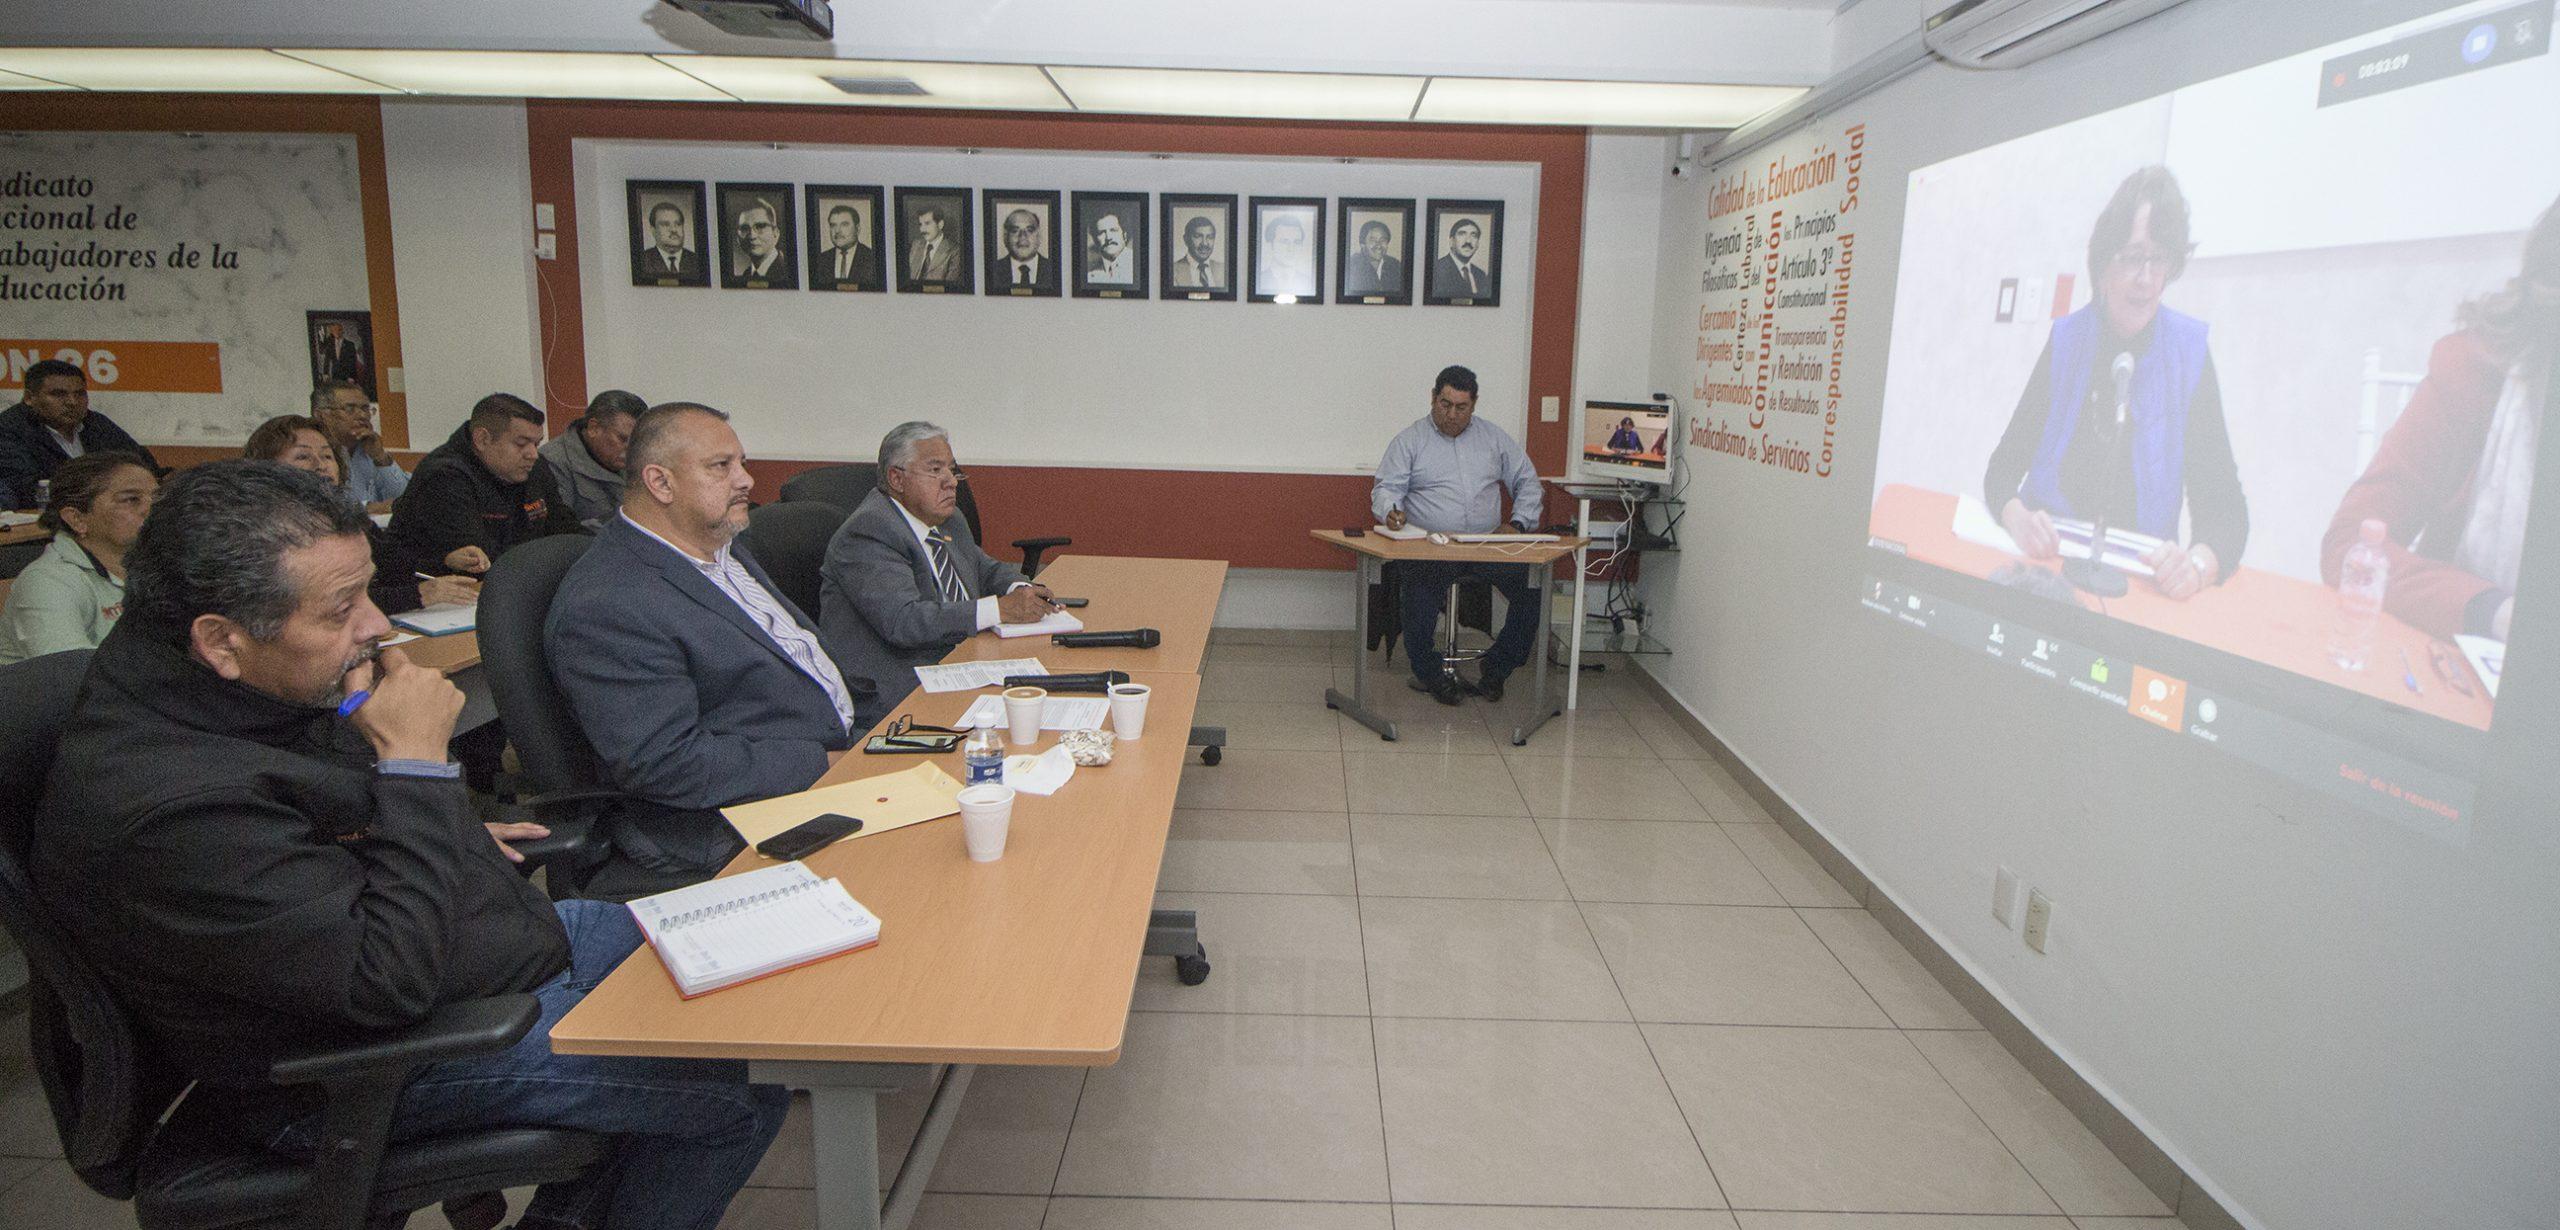 Comité Ejecutivo Sección 26 participa en videoconferencia Nacional